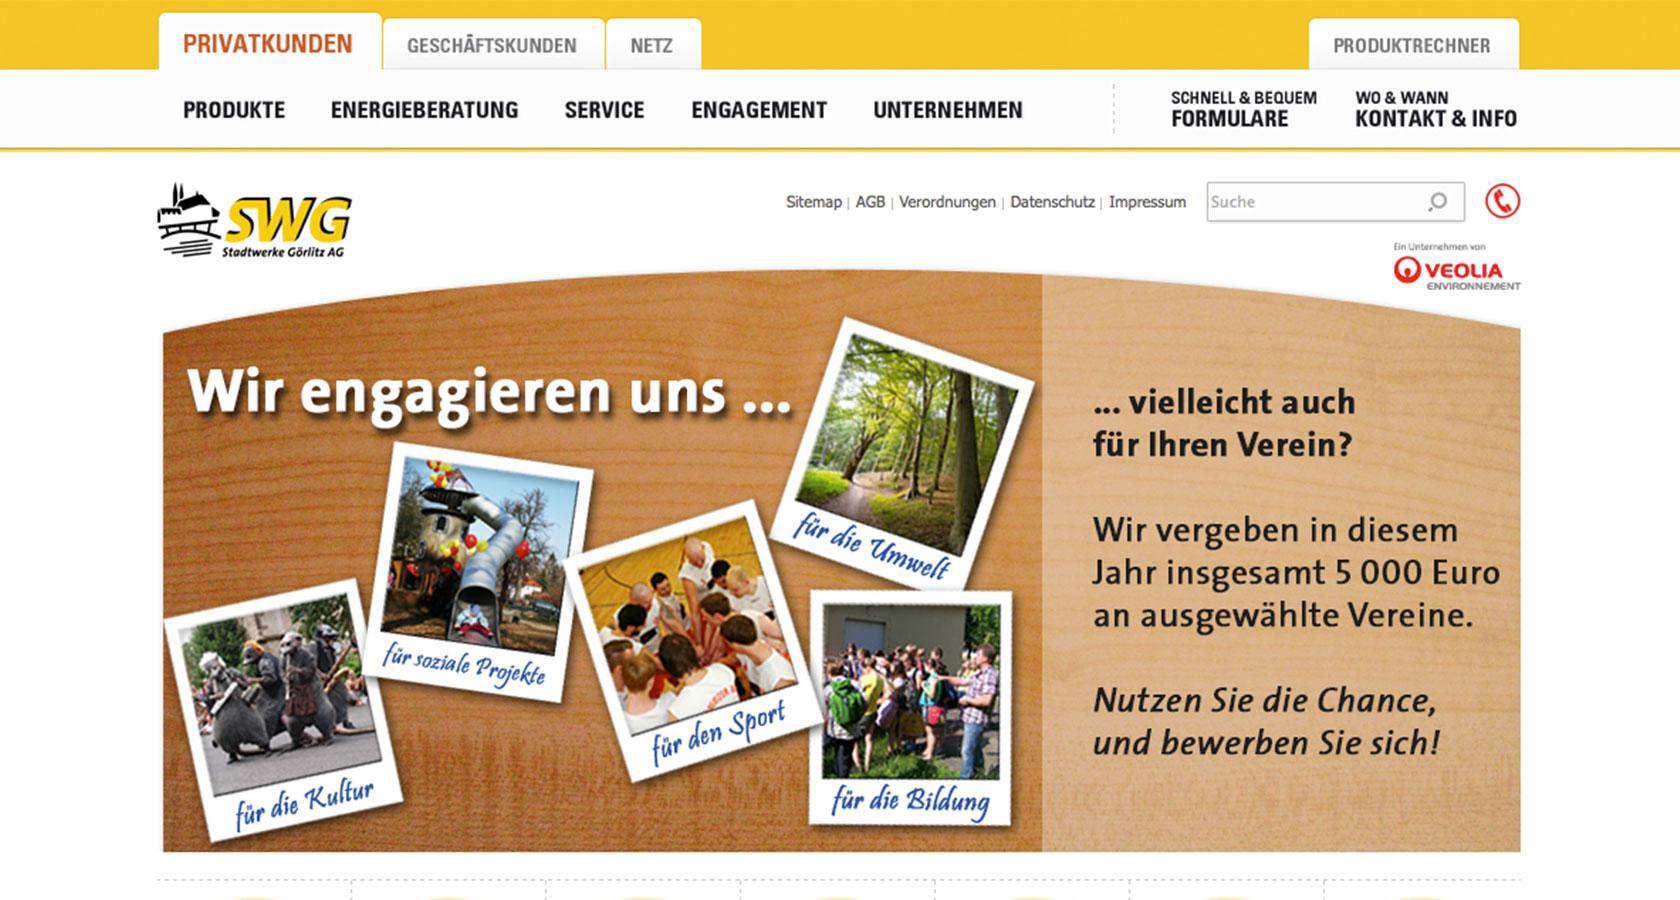 Screenshot vom Teaser für das Online-Voting der Stadtwerke Görlitz